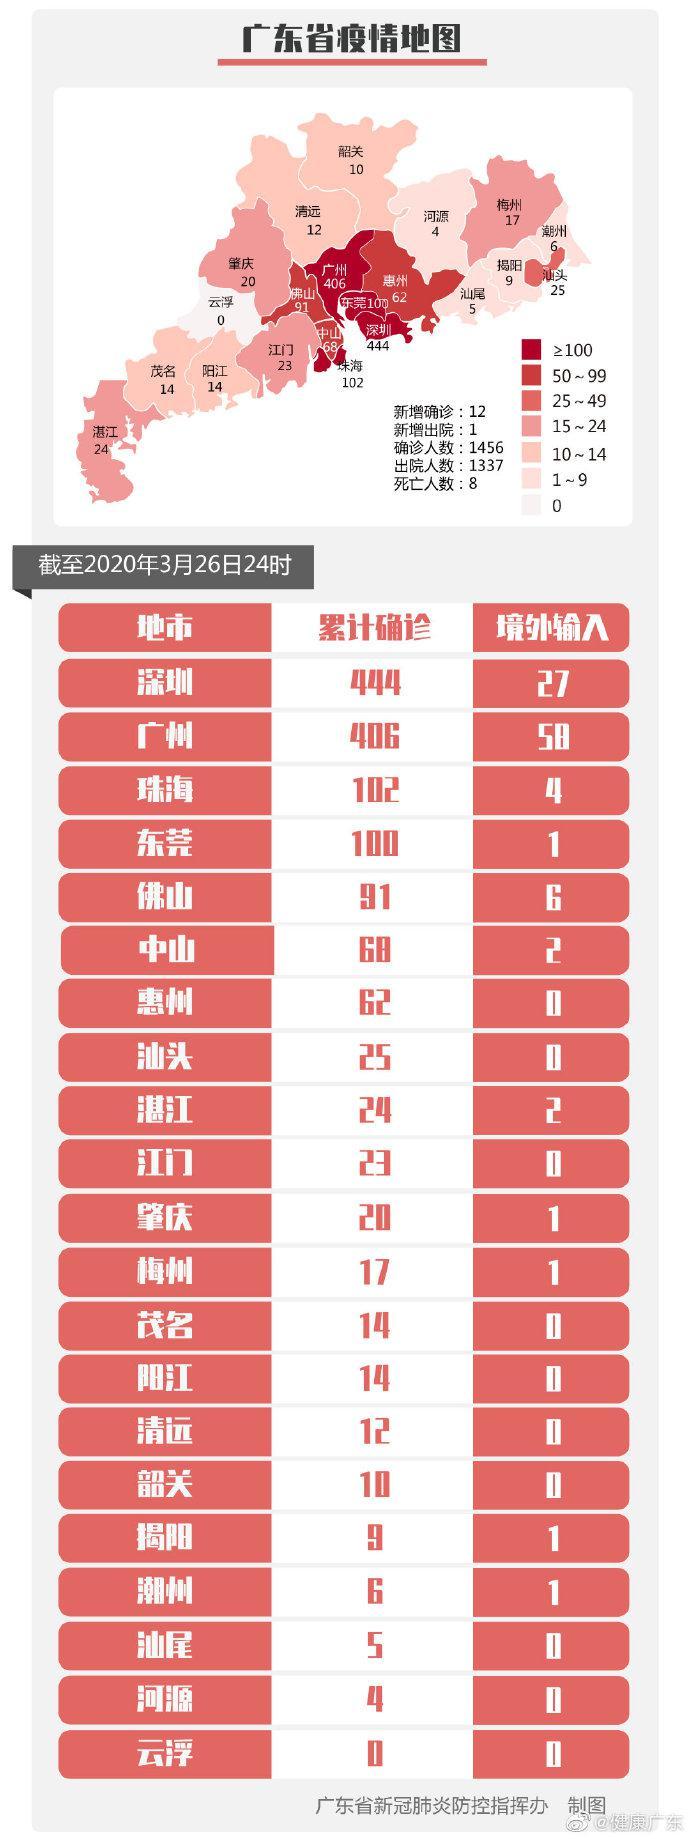 广东新增境外输入12病例:广州9例深圳1例湛江1例珠海1例